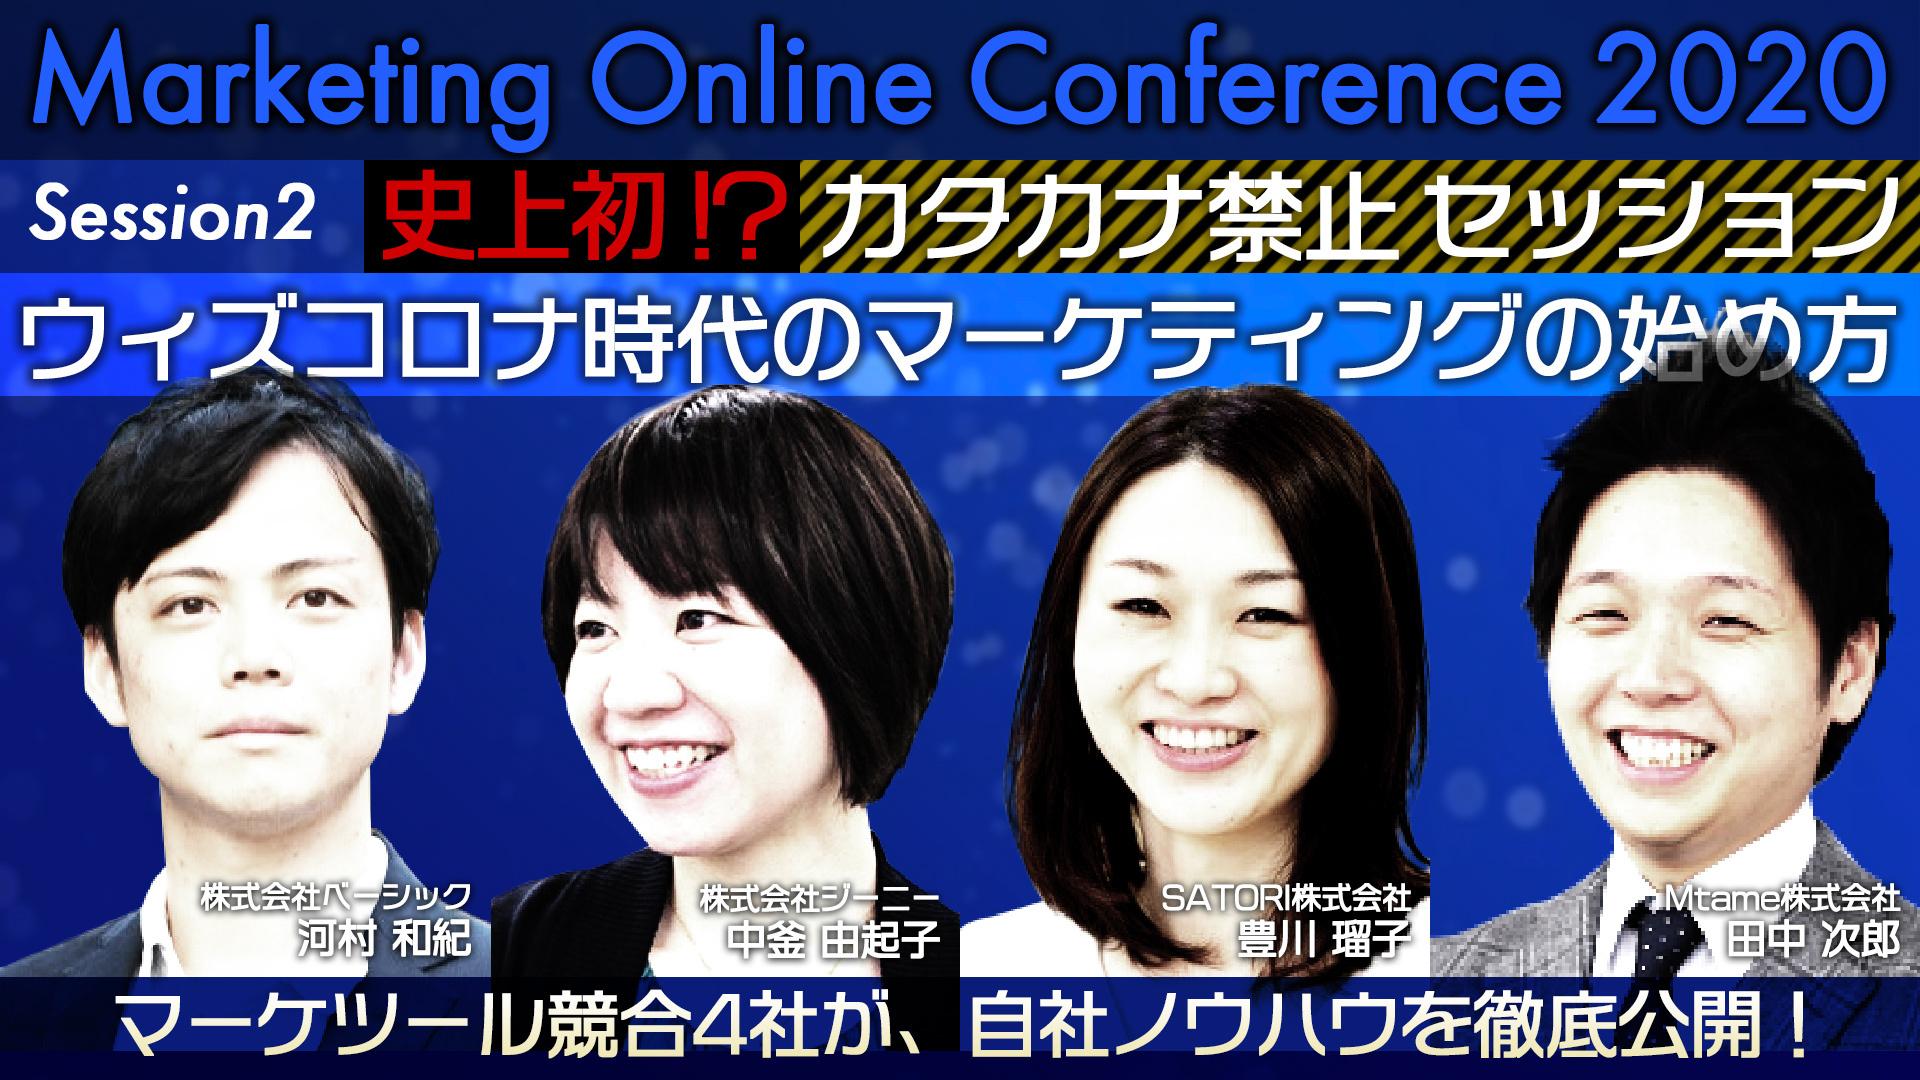 【Session2】史上初!?カタカナ禁止セッション ウィズコロナ時代のマーケティングの始め方ーマーケツール競合4社が、自社ノウハウを徹底公開!